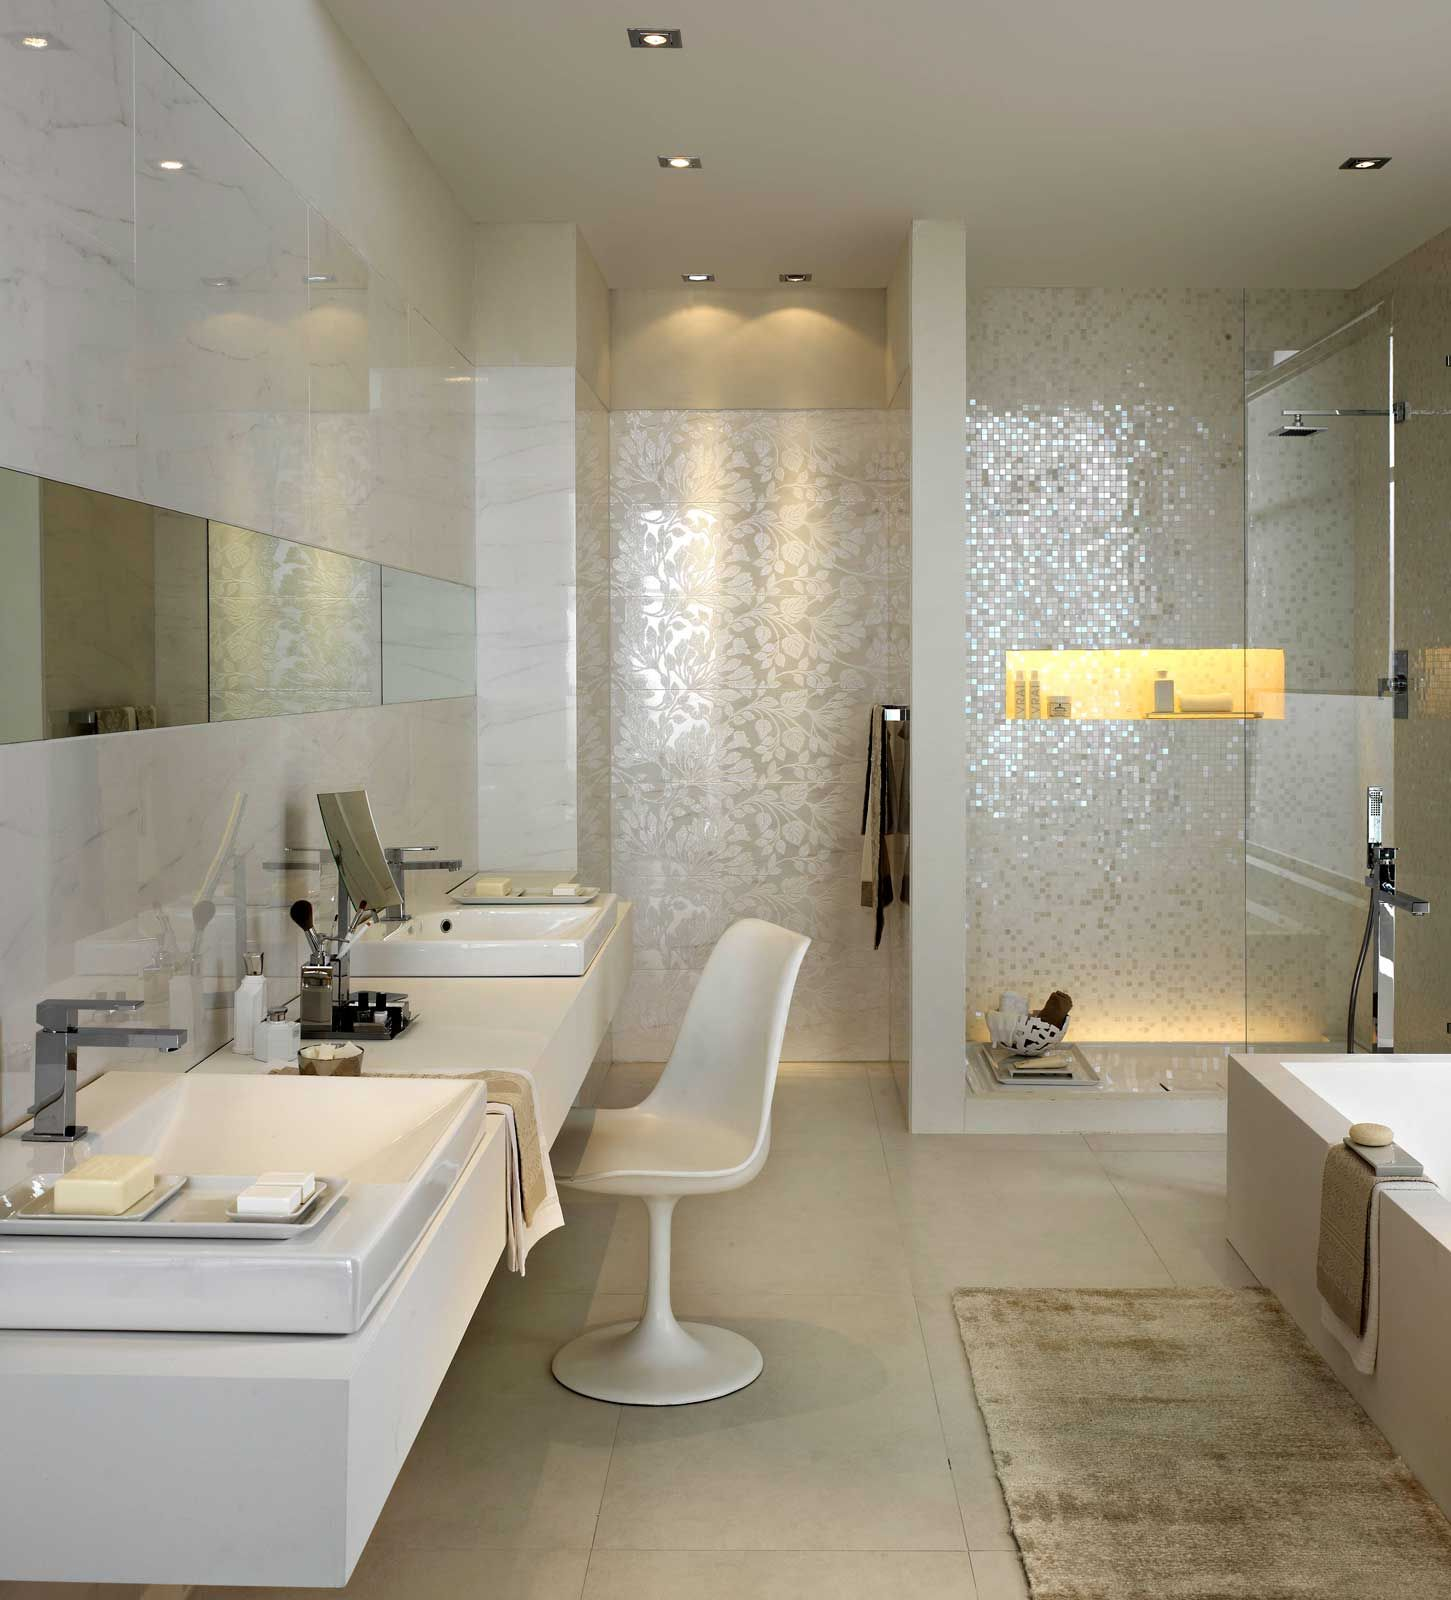 gemauerte dusche mit glas und beleuchteter nische sowie mosaik b der pinterest gemauerte. Black Bedroom Furniture Sets. Home Design Ideas